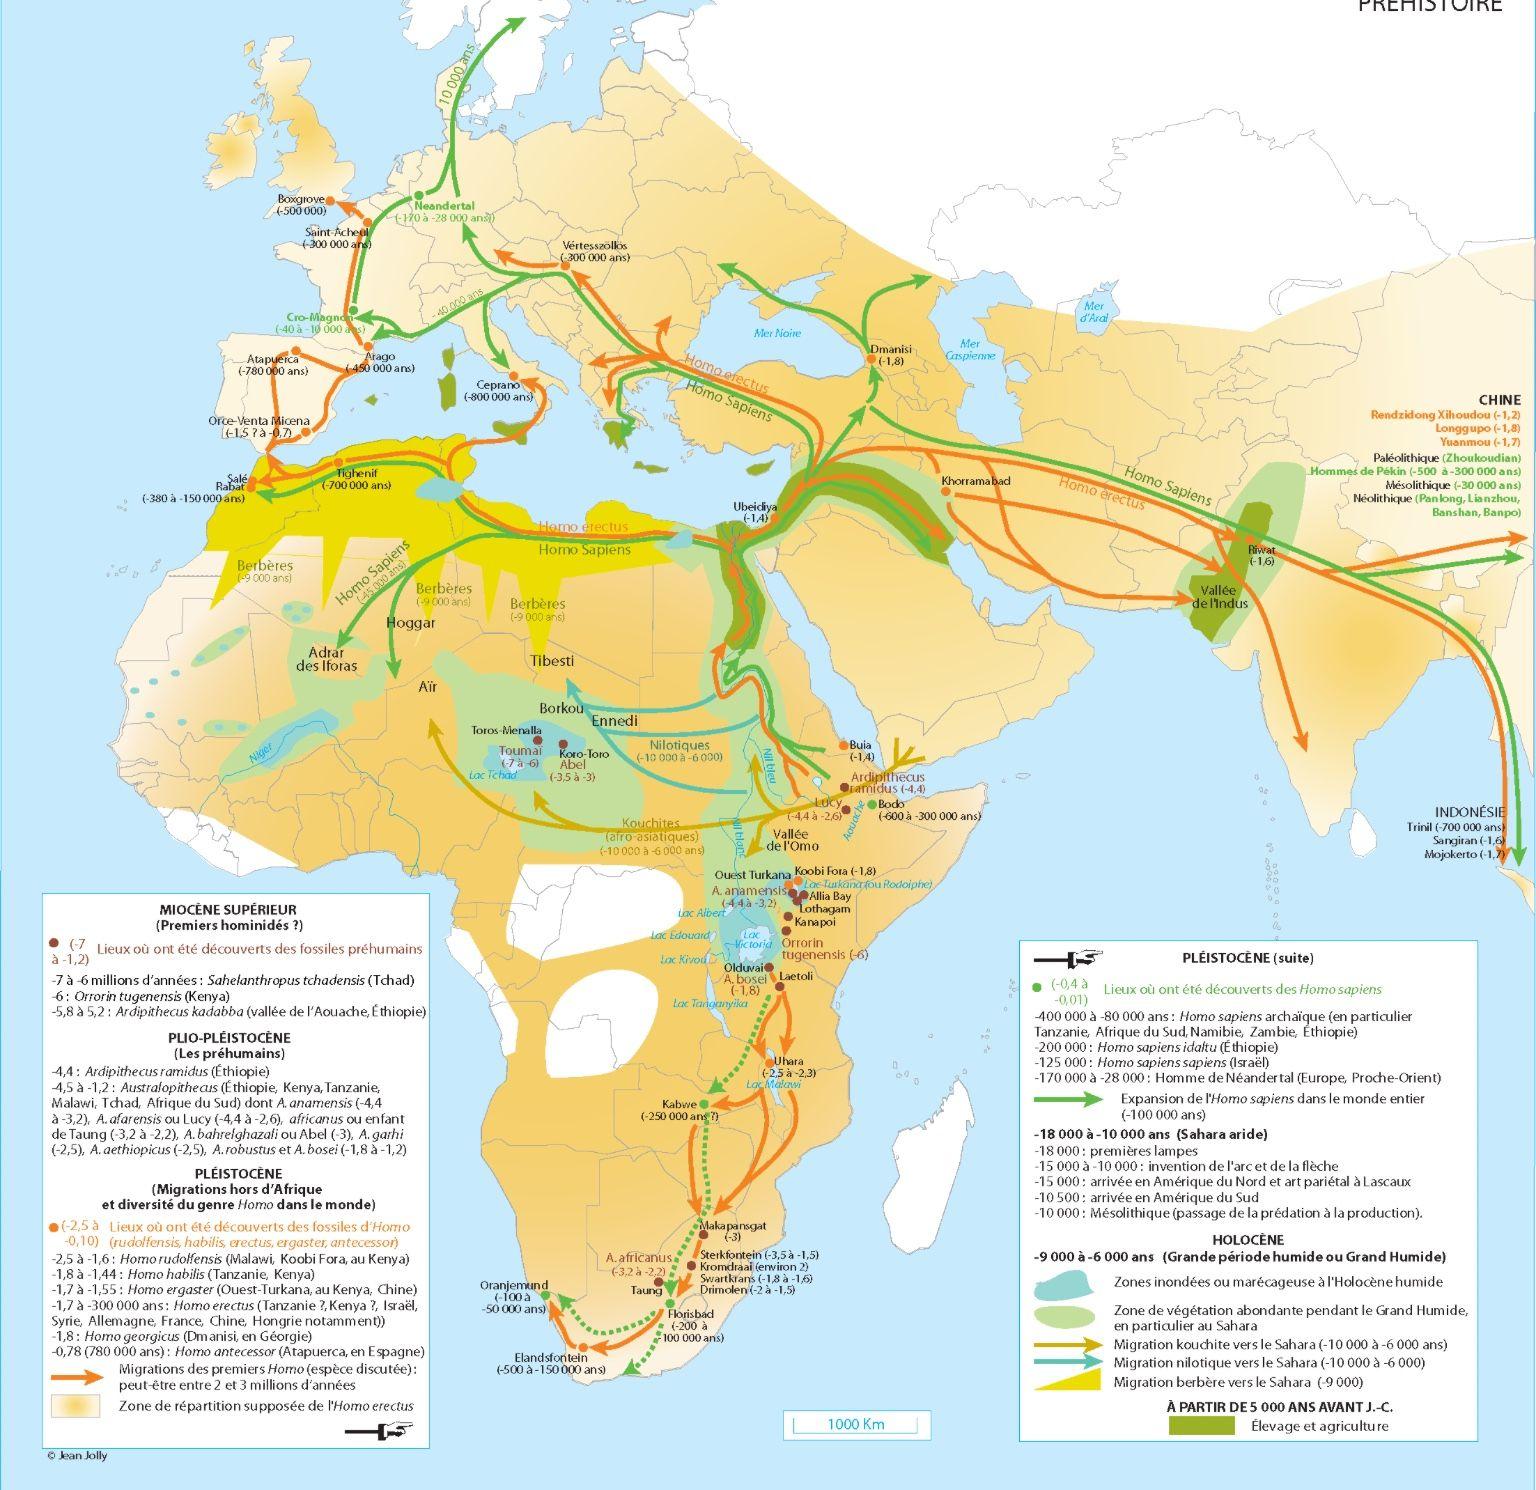 Epingle Par Paul Burnier Sur Maps That Tell A Story Prehistoire Afrique Cartes